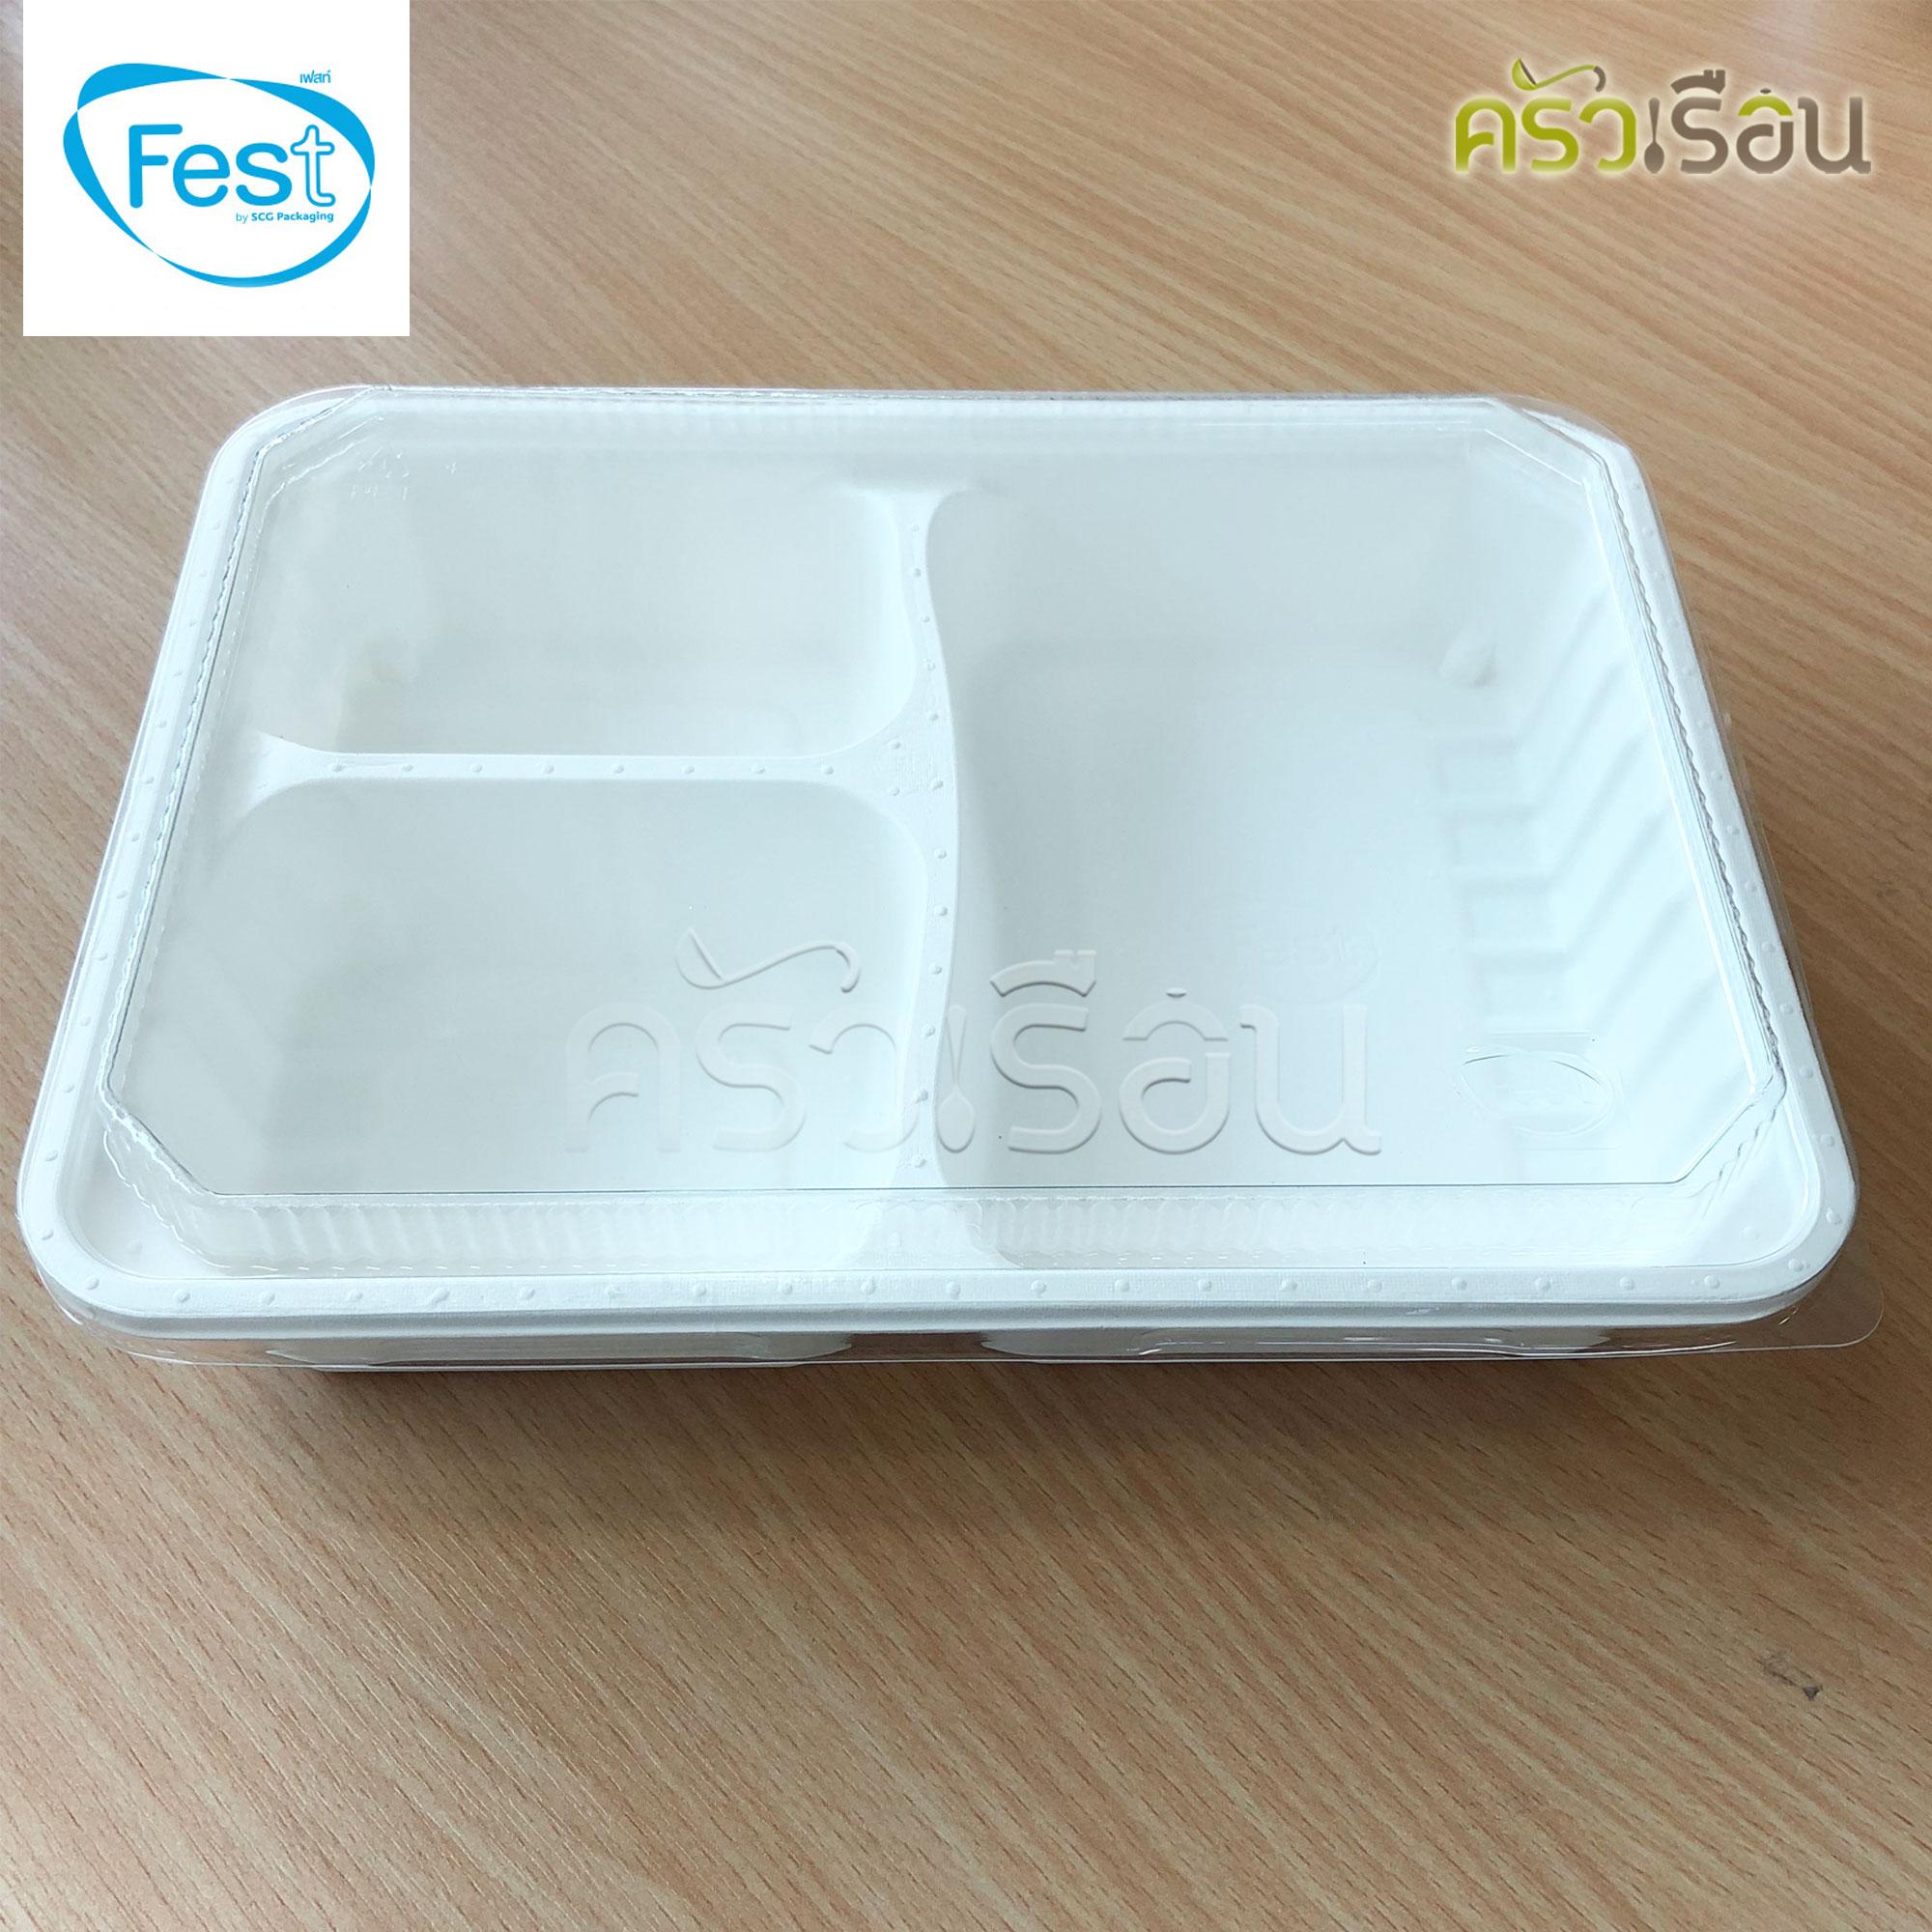 Fest เฟสท์ - กล่องไฮบริดเยื่อธรรมชาติเฟสท์ 3 ช่อง 1,000 มล. 25 ใบ - HM003